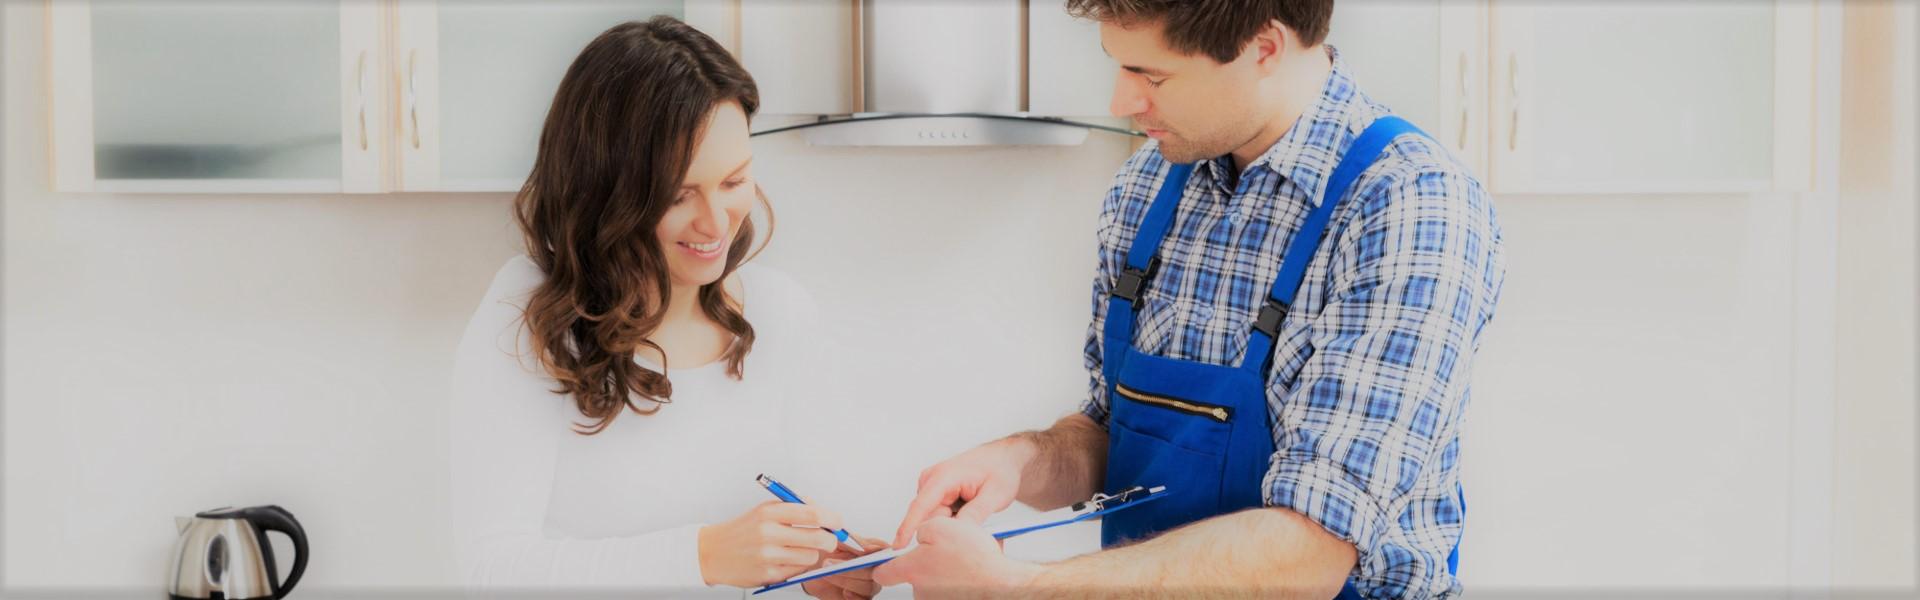 Femme signant les papiers du plombier